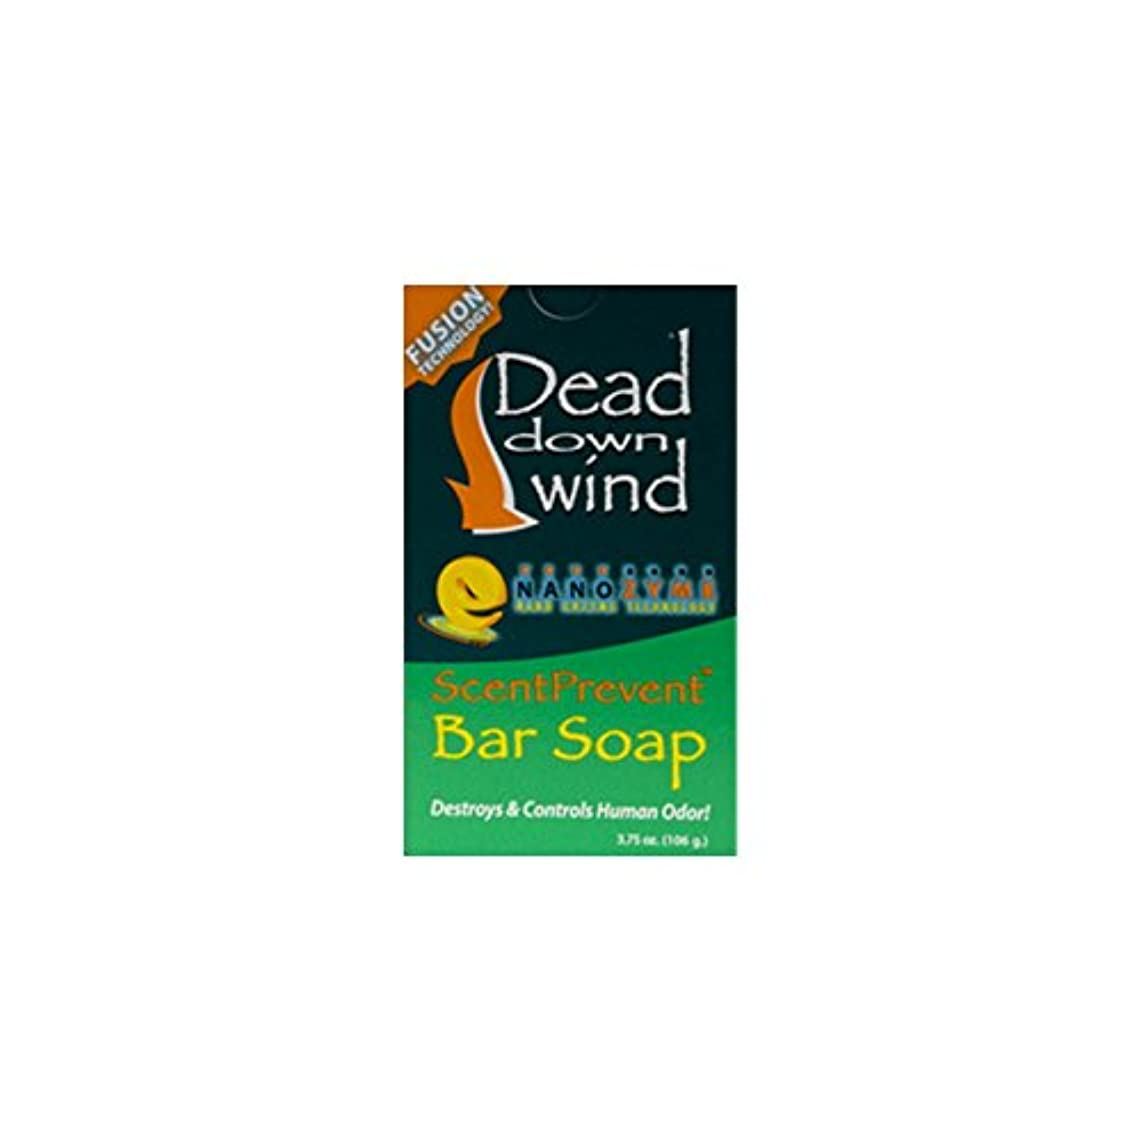 病ホット傘Dead Down Wind 1201 Ddw Bar Soap 3.75Oz by Dead Down Wind